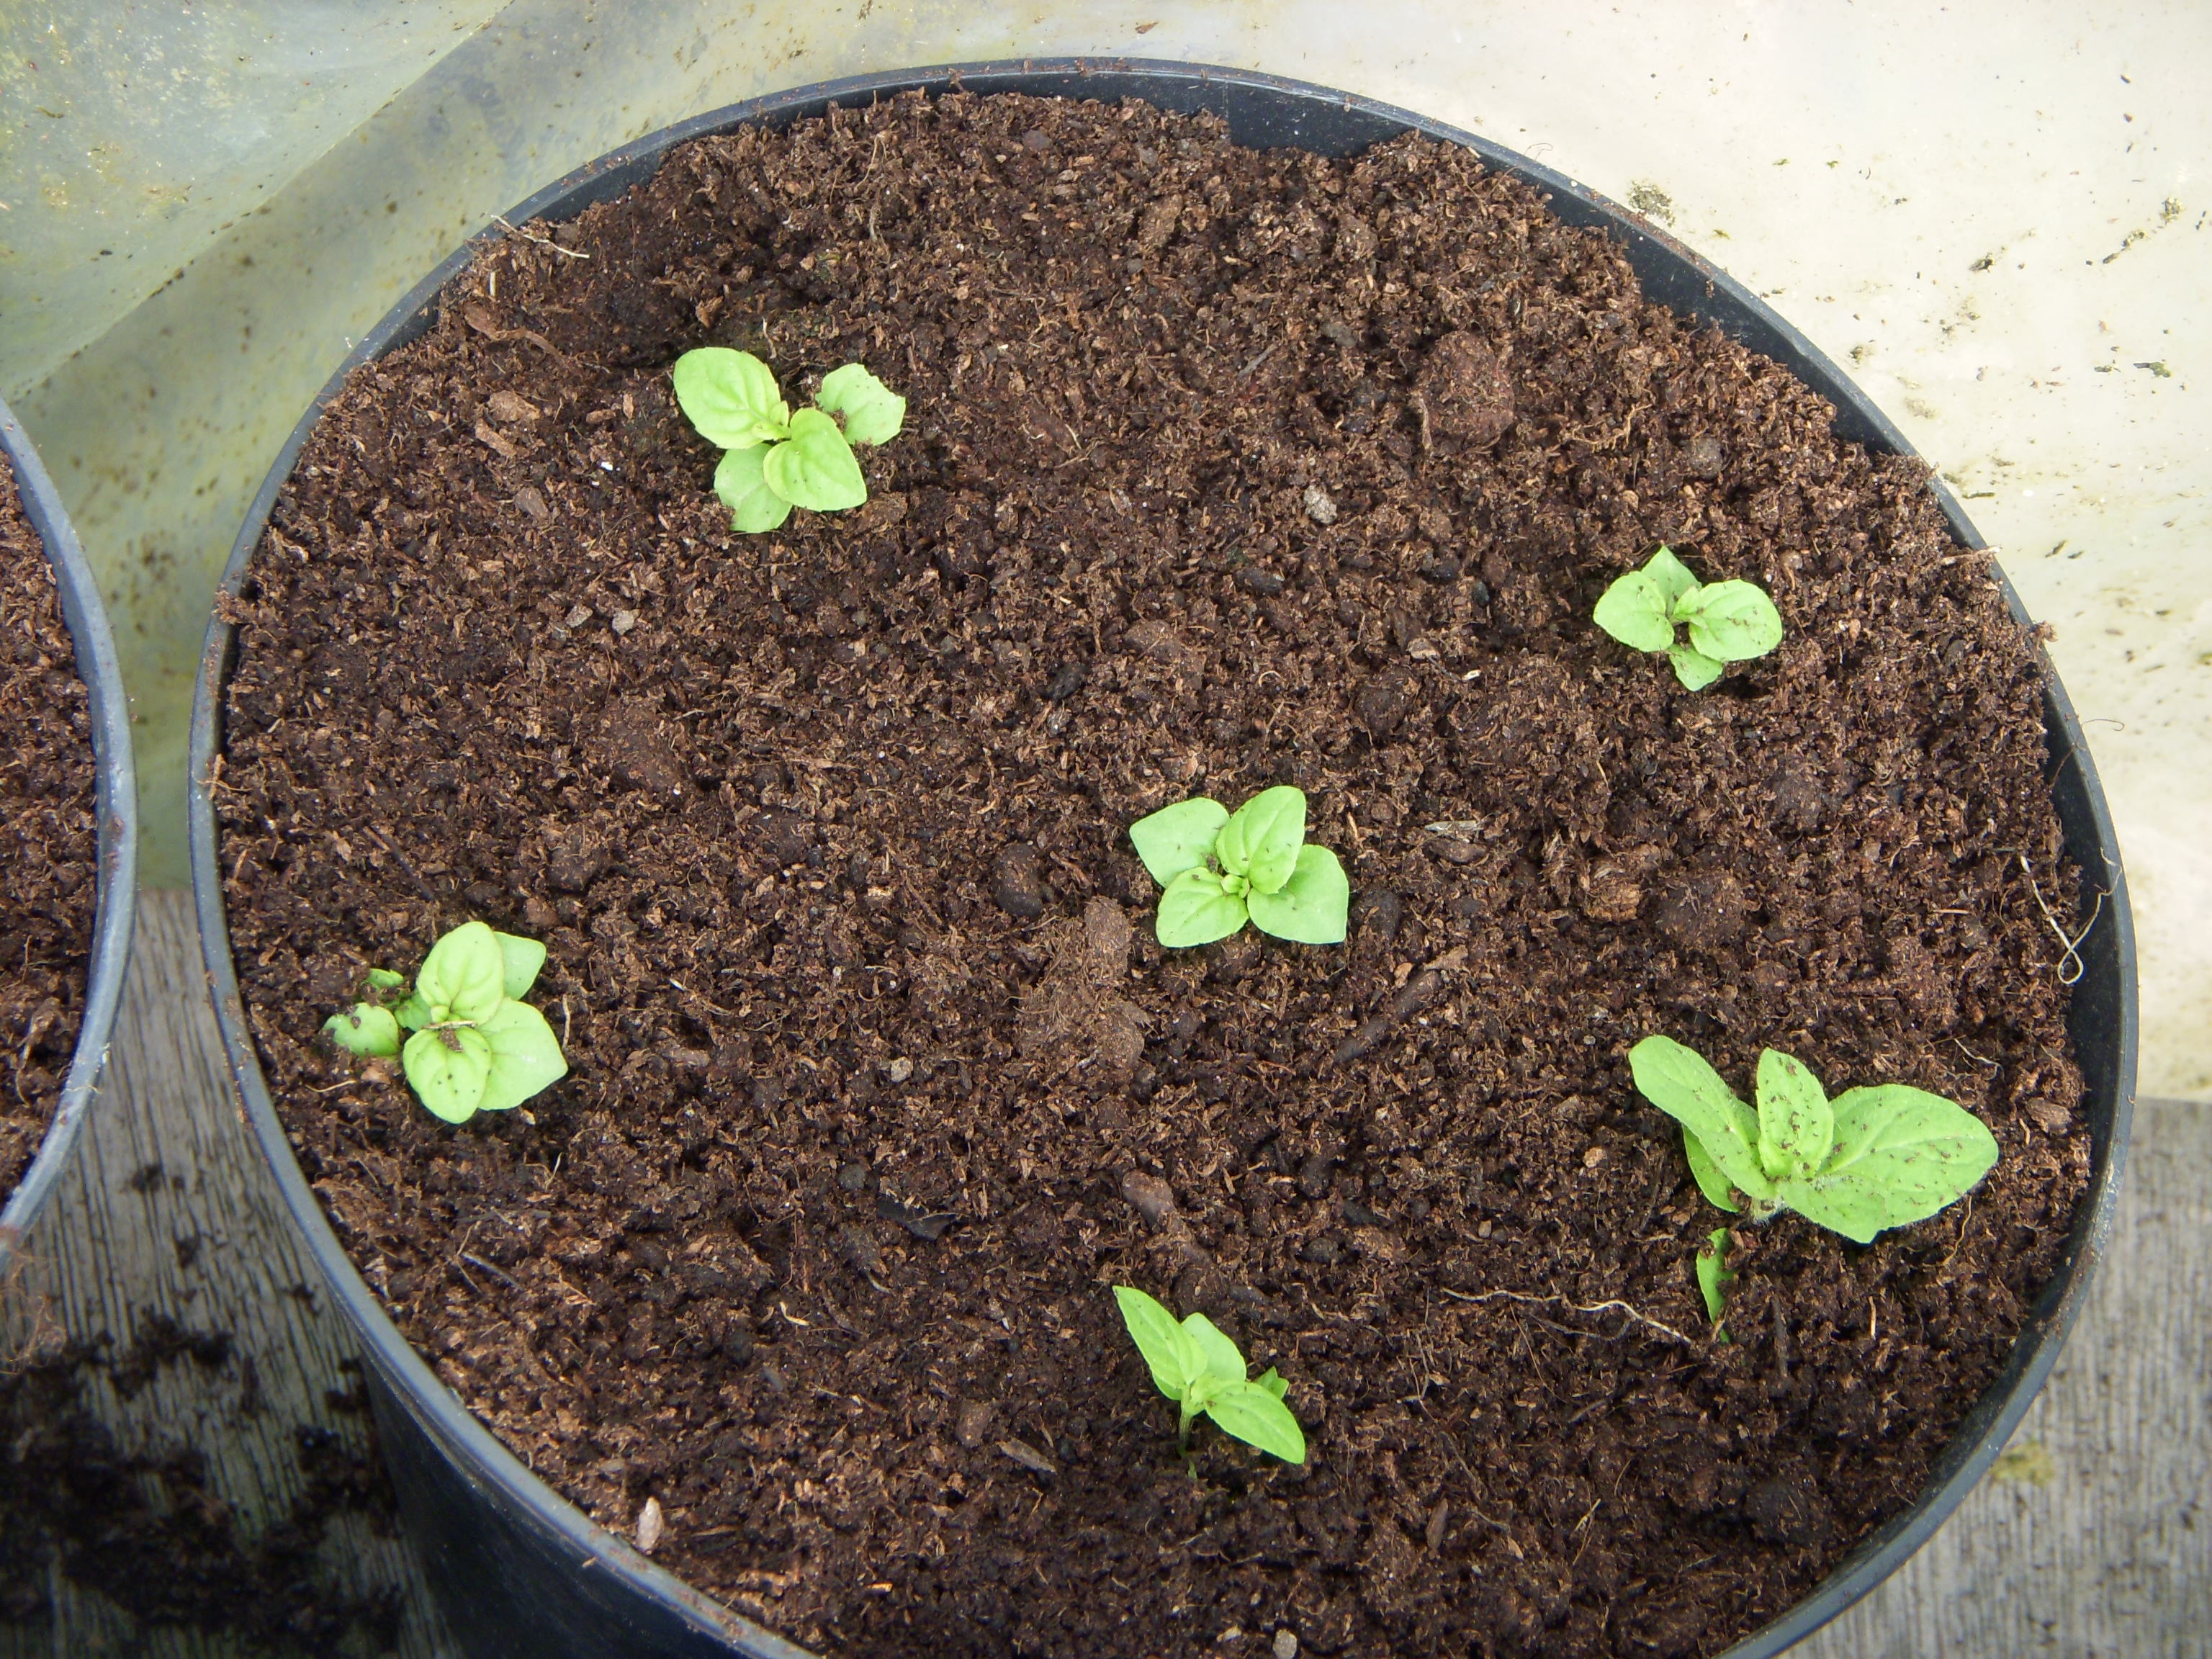 Mint seedlings